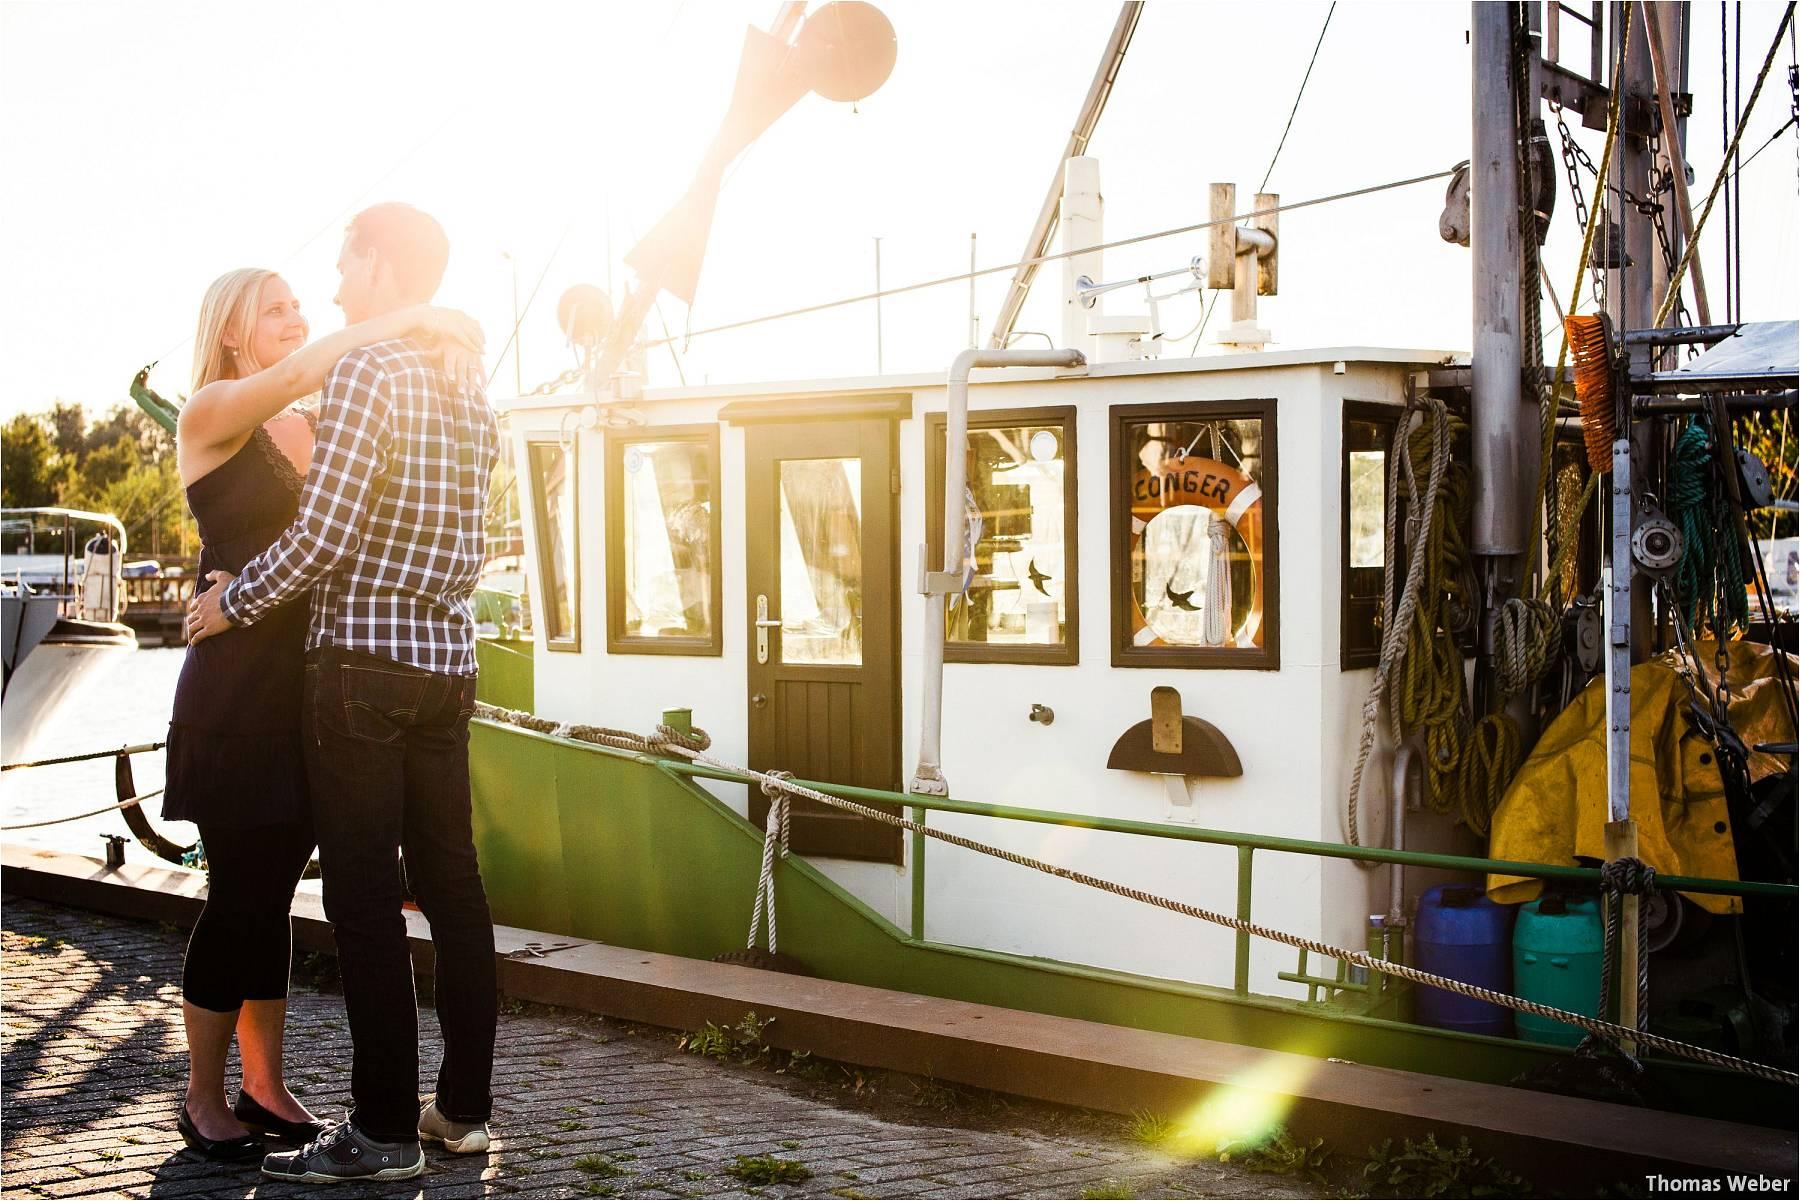 Hochzeitsfotograf Oldenburg: Engagement-Verlobungs-Paarfotos am Strand von Dangast/Varel an der Nordsee (2)